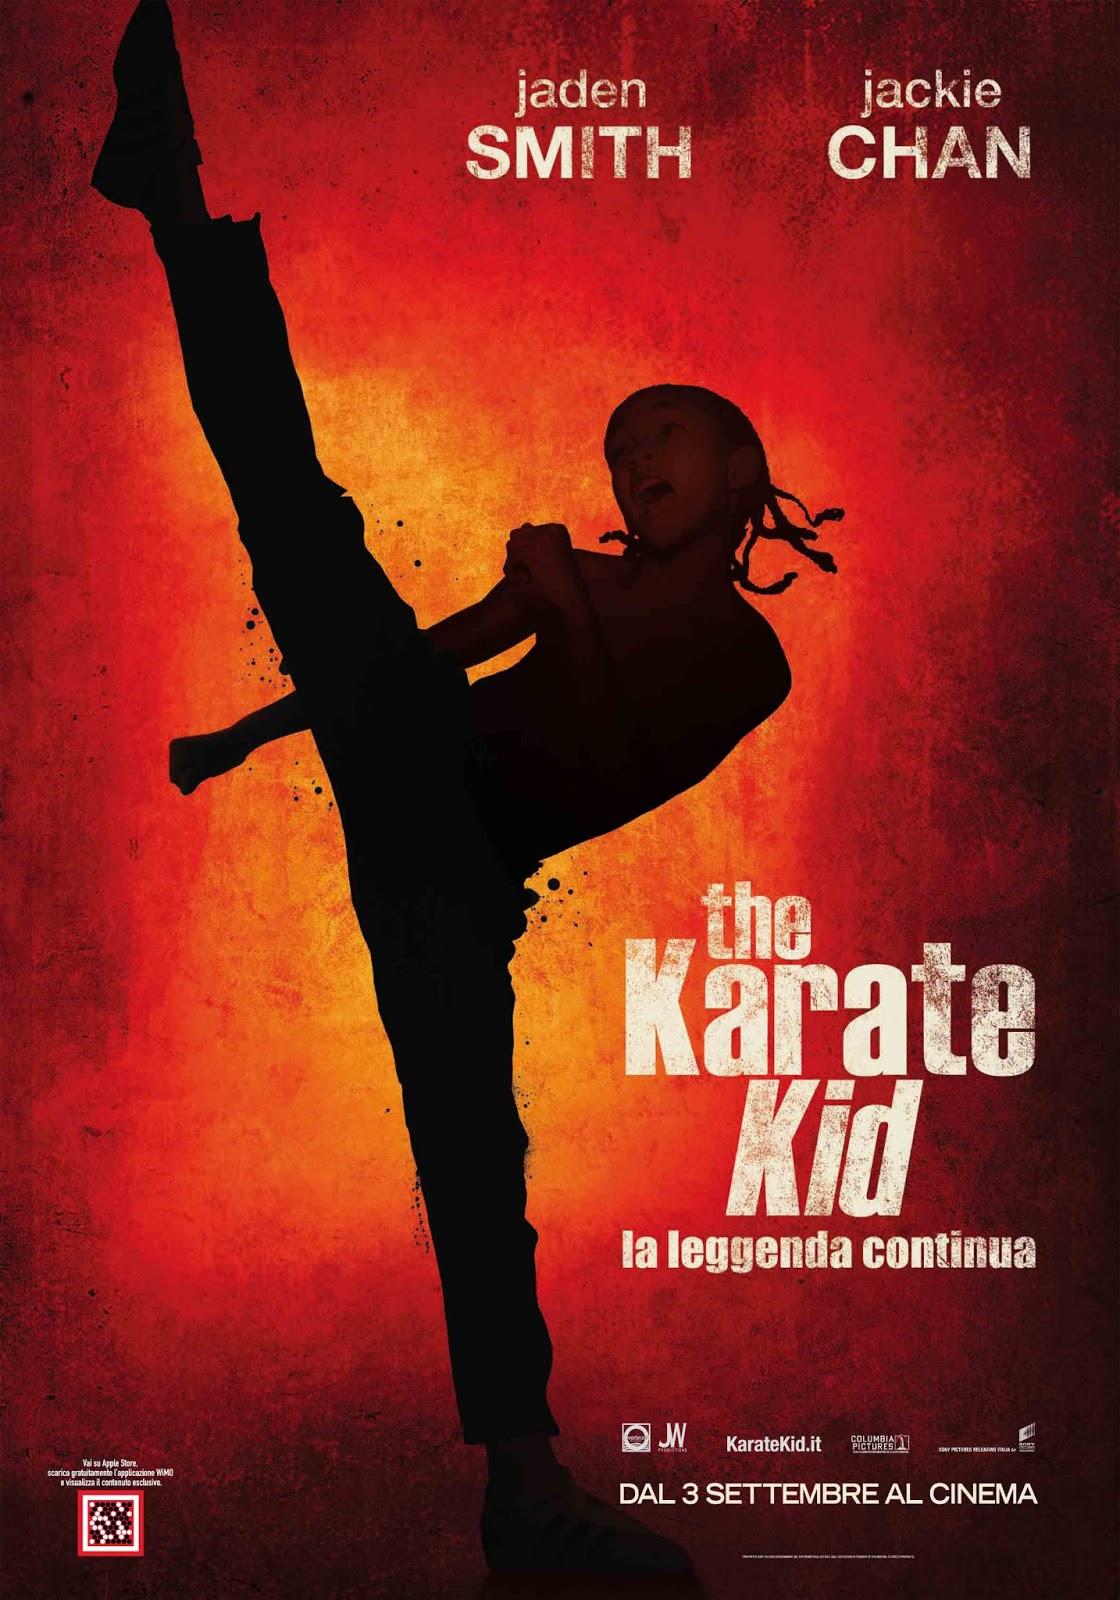 Karate Kid Jaden Smith Free Online